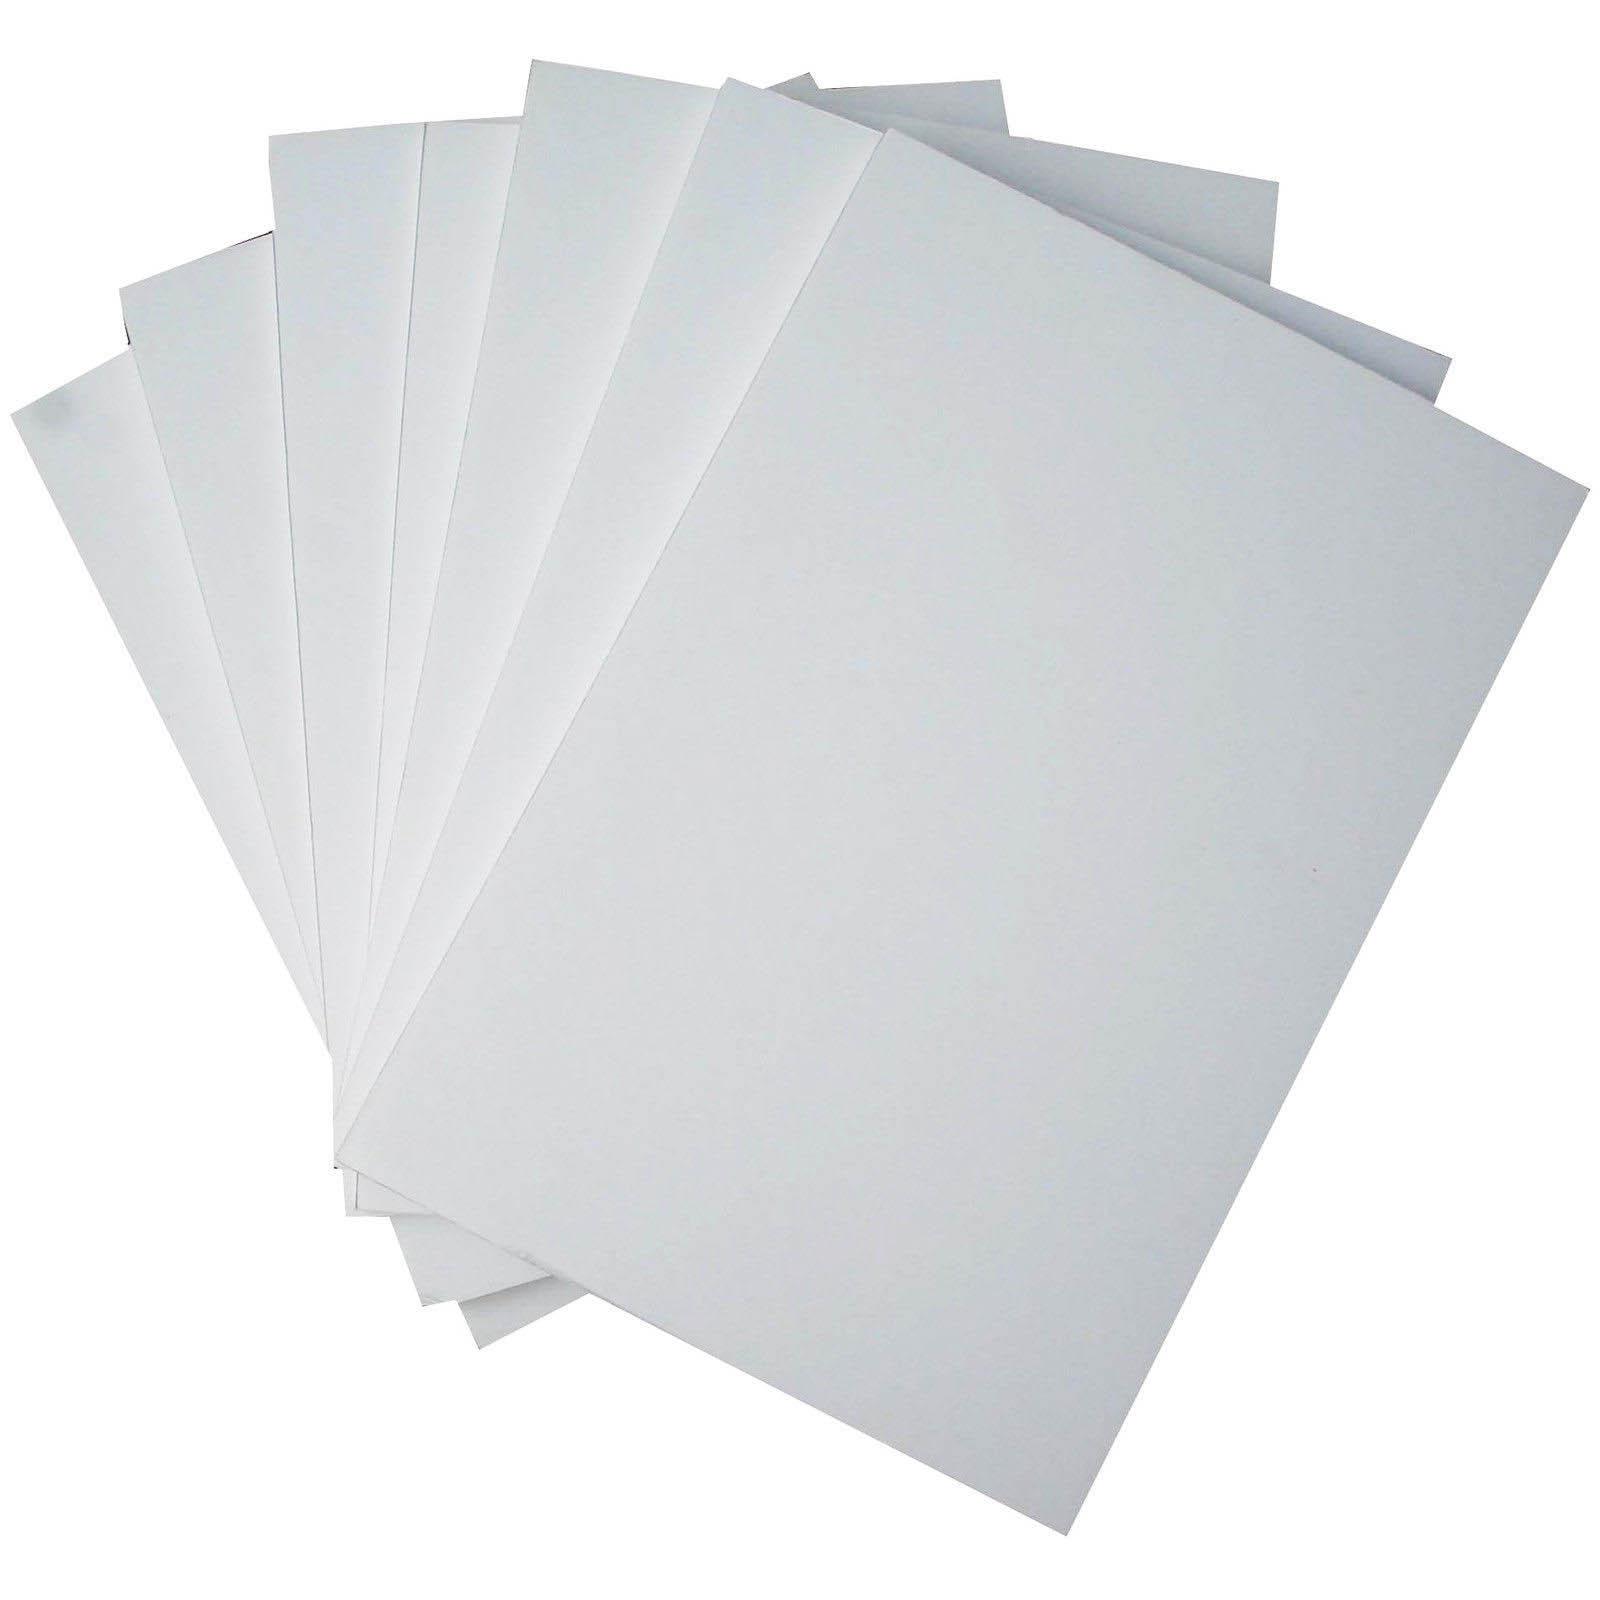 FIS Foam Board 70 x 100cm - White (box/25pcs)